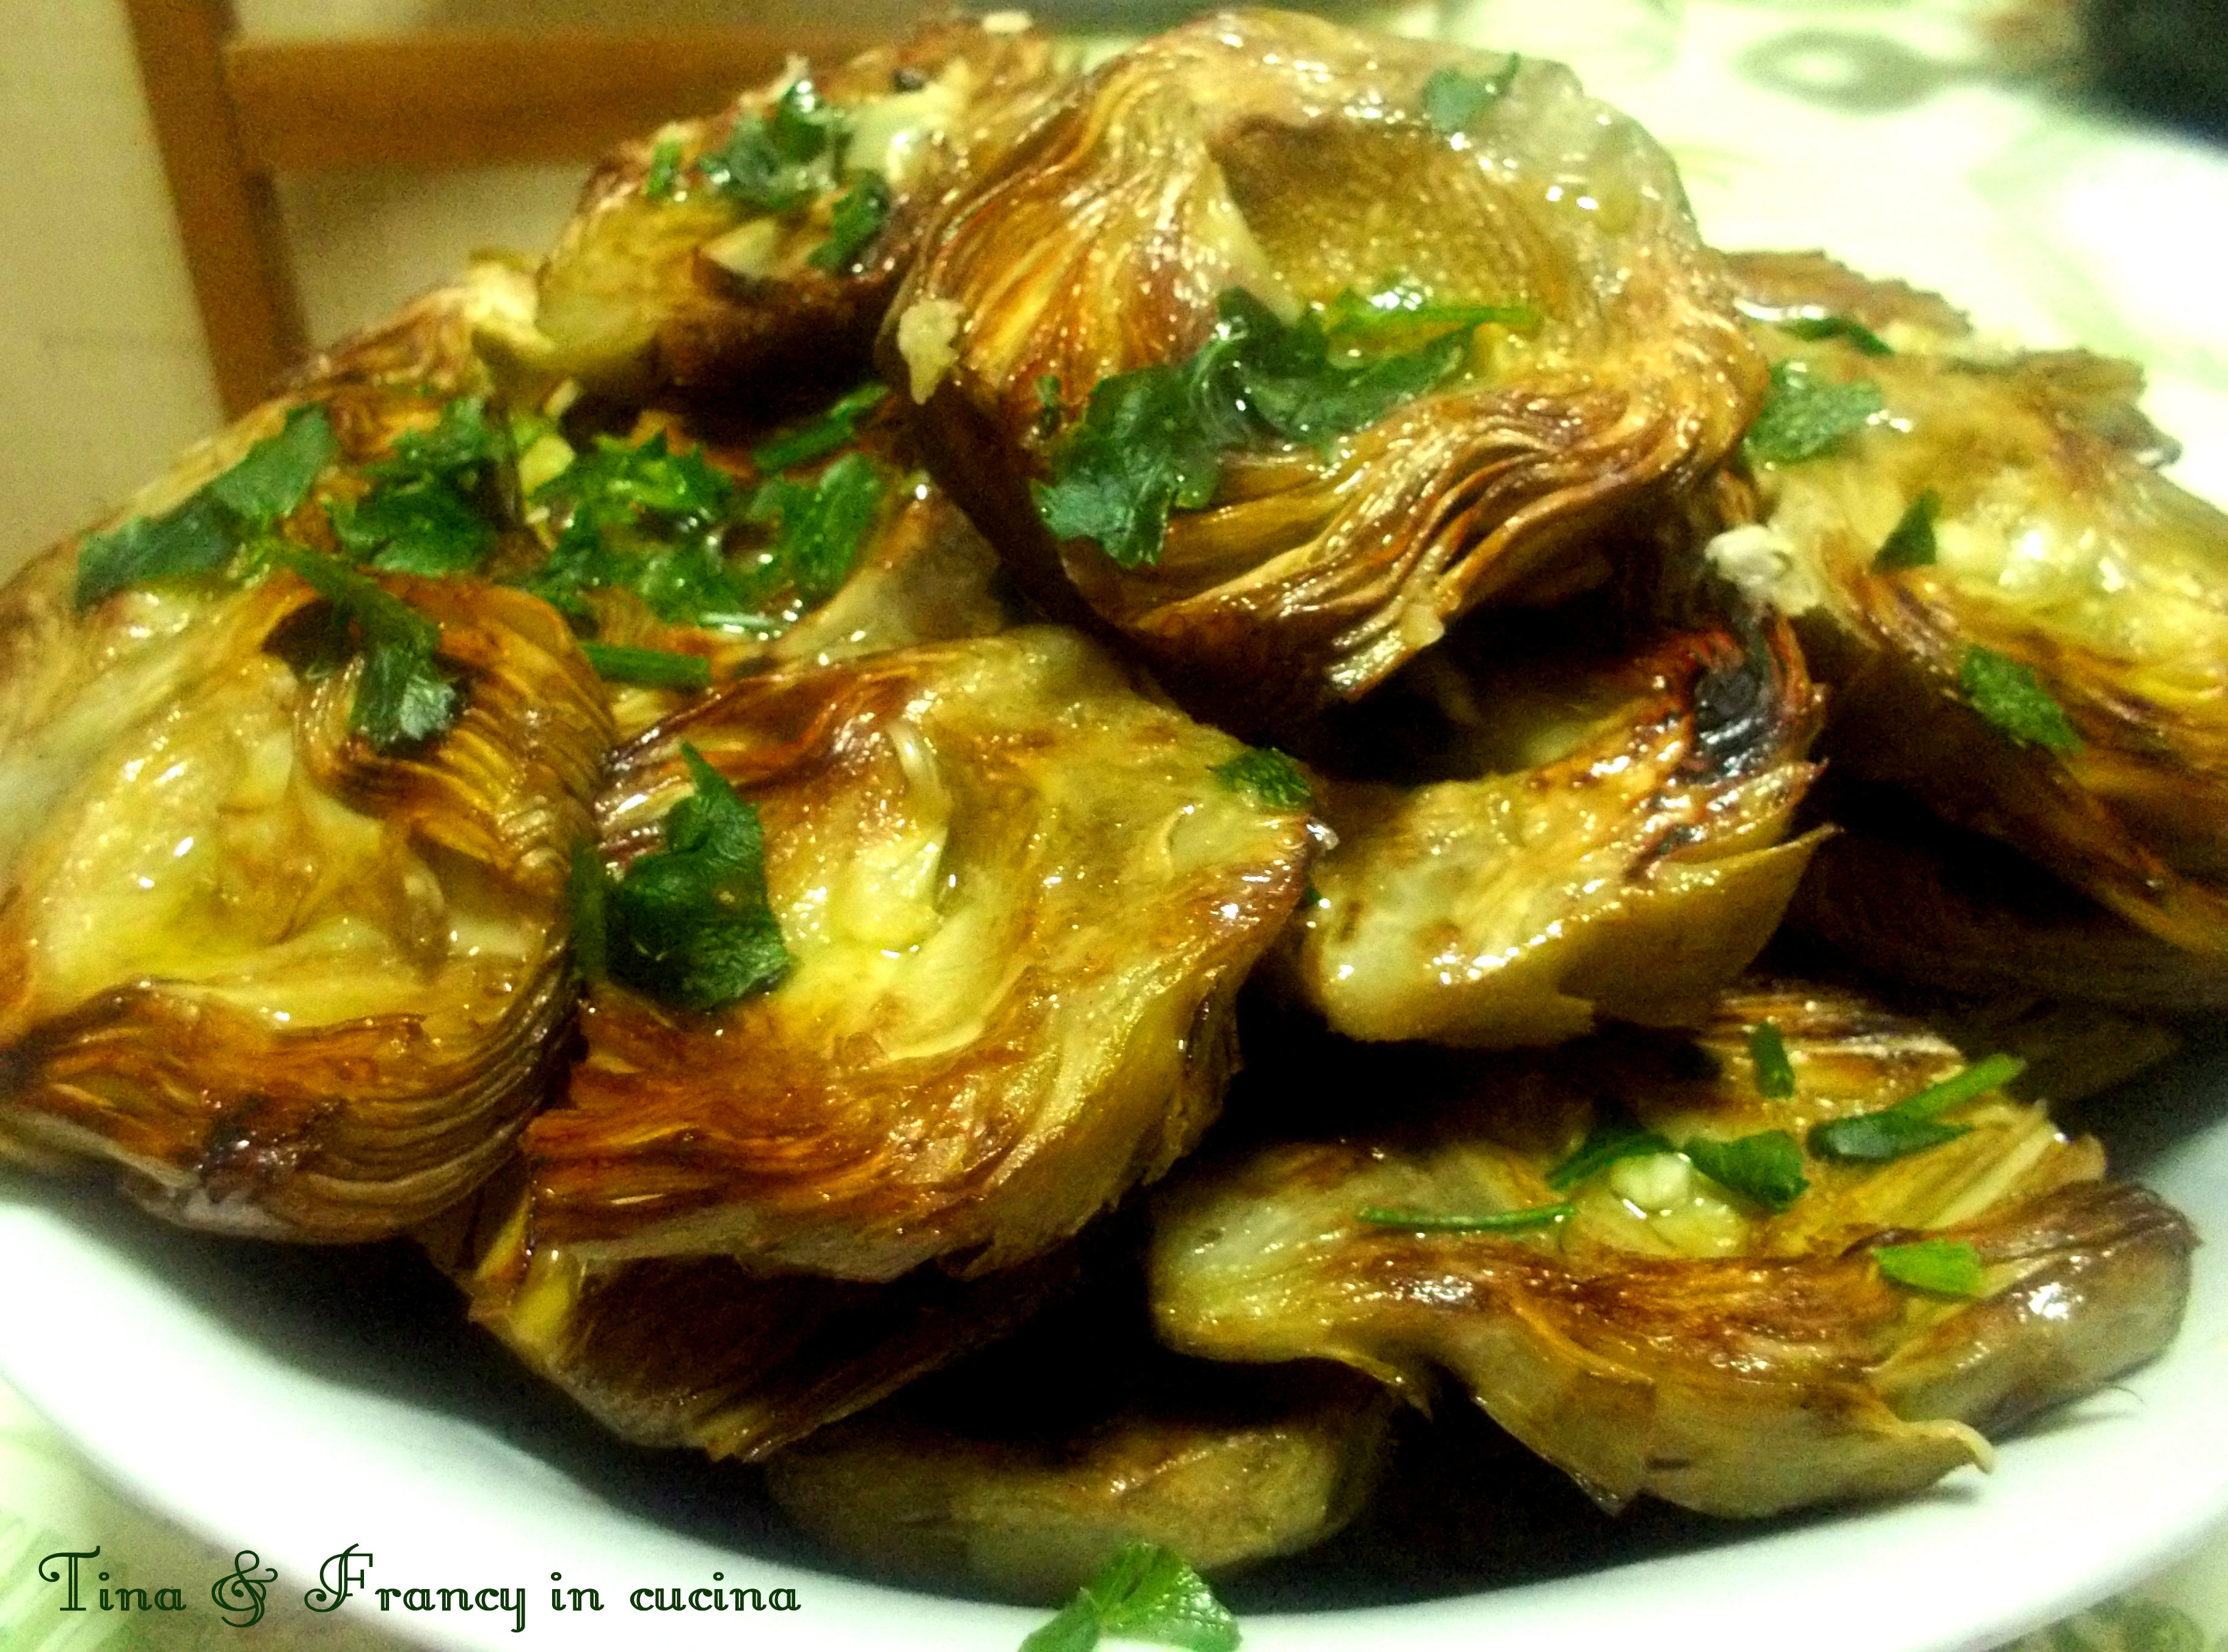 Ricerca ricette con carciofi arrosto for Cucinare i carciofi